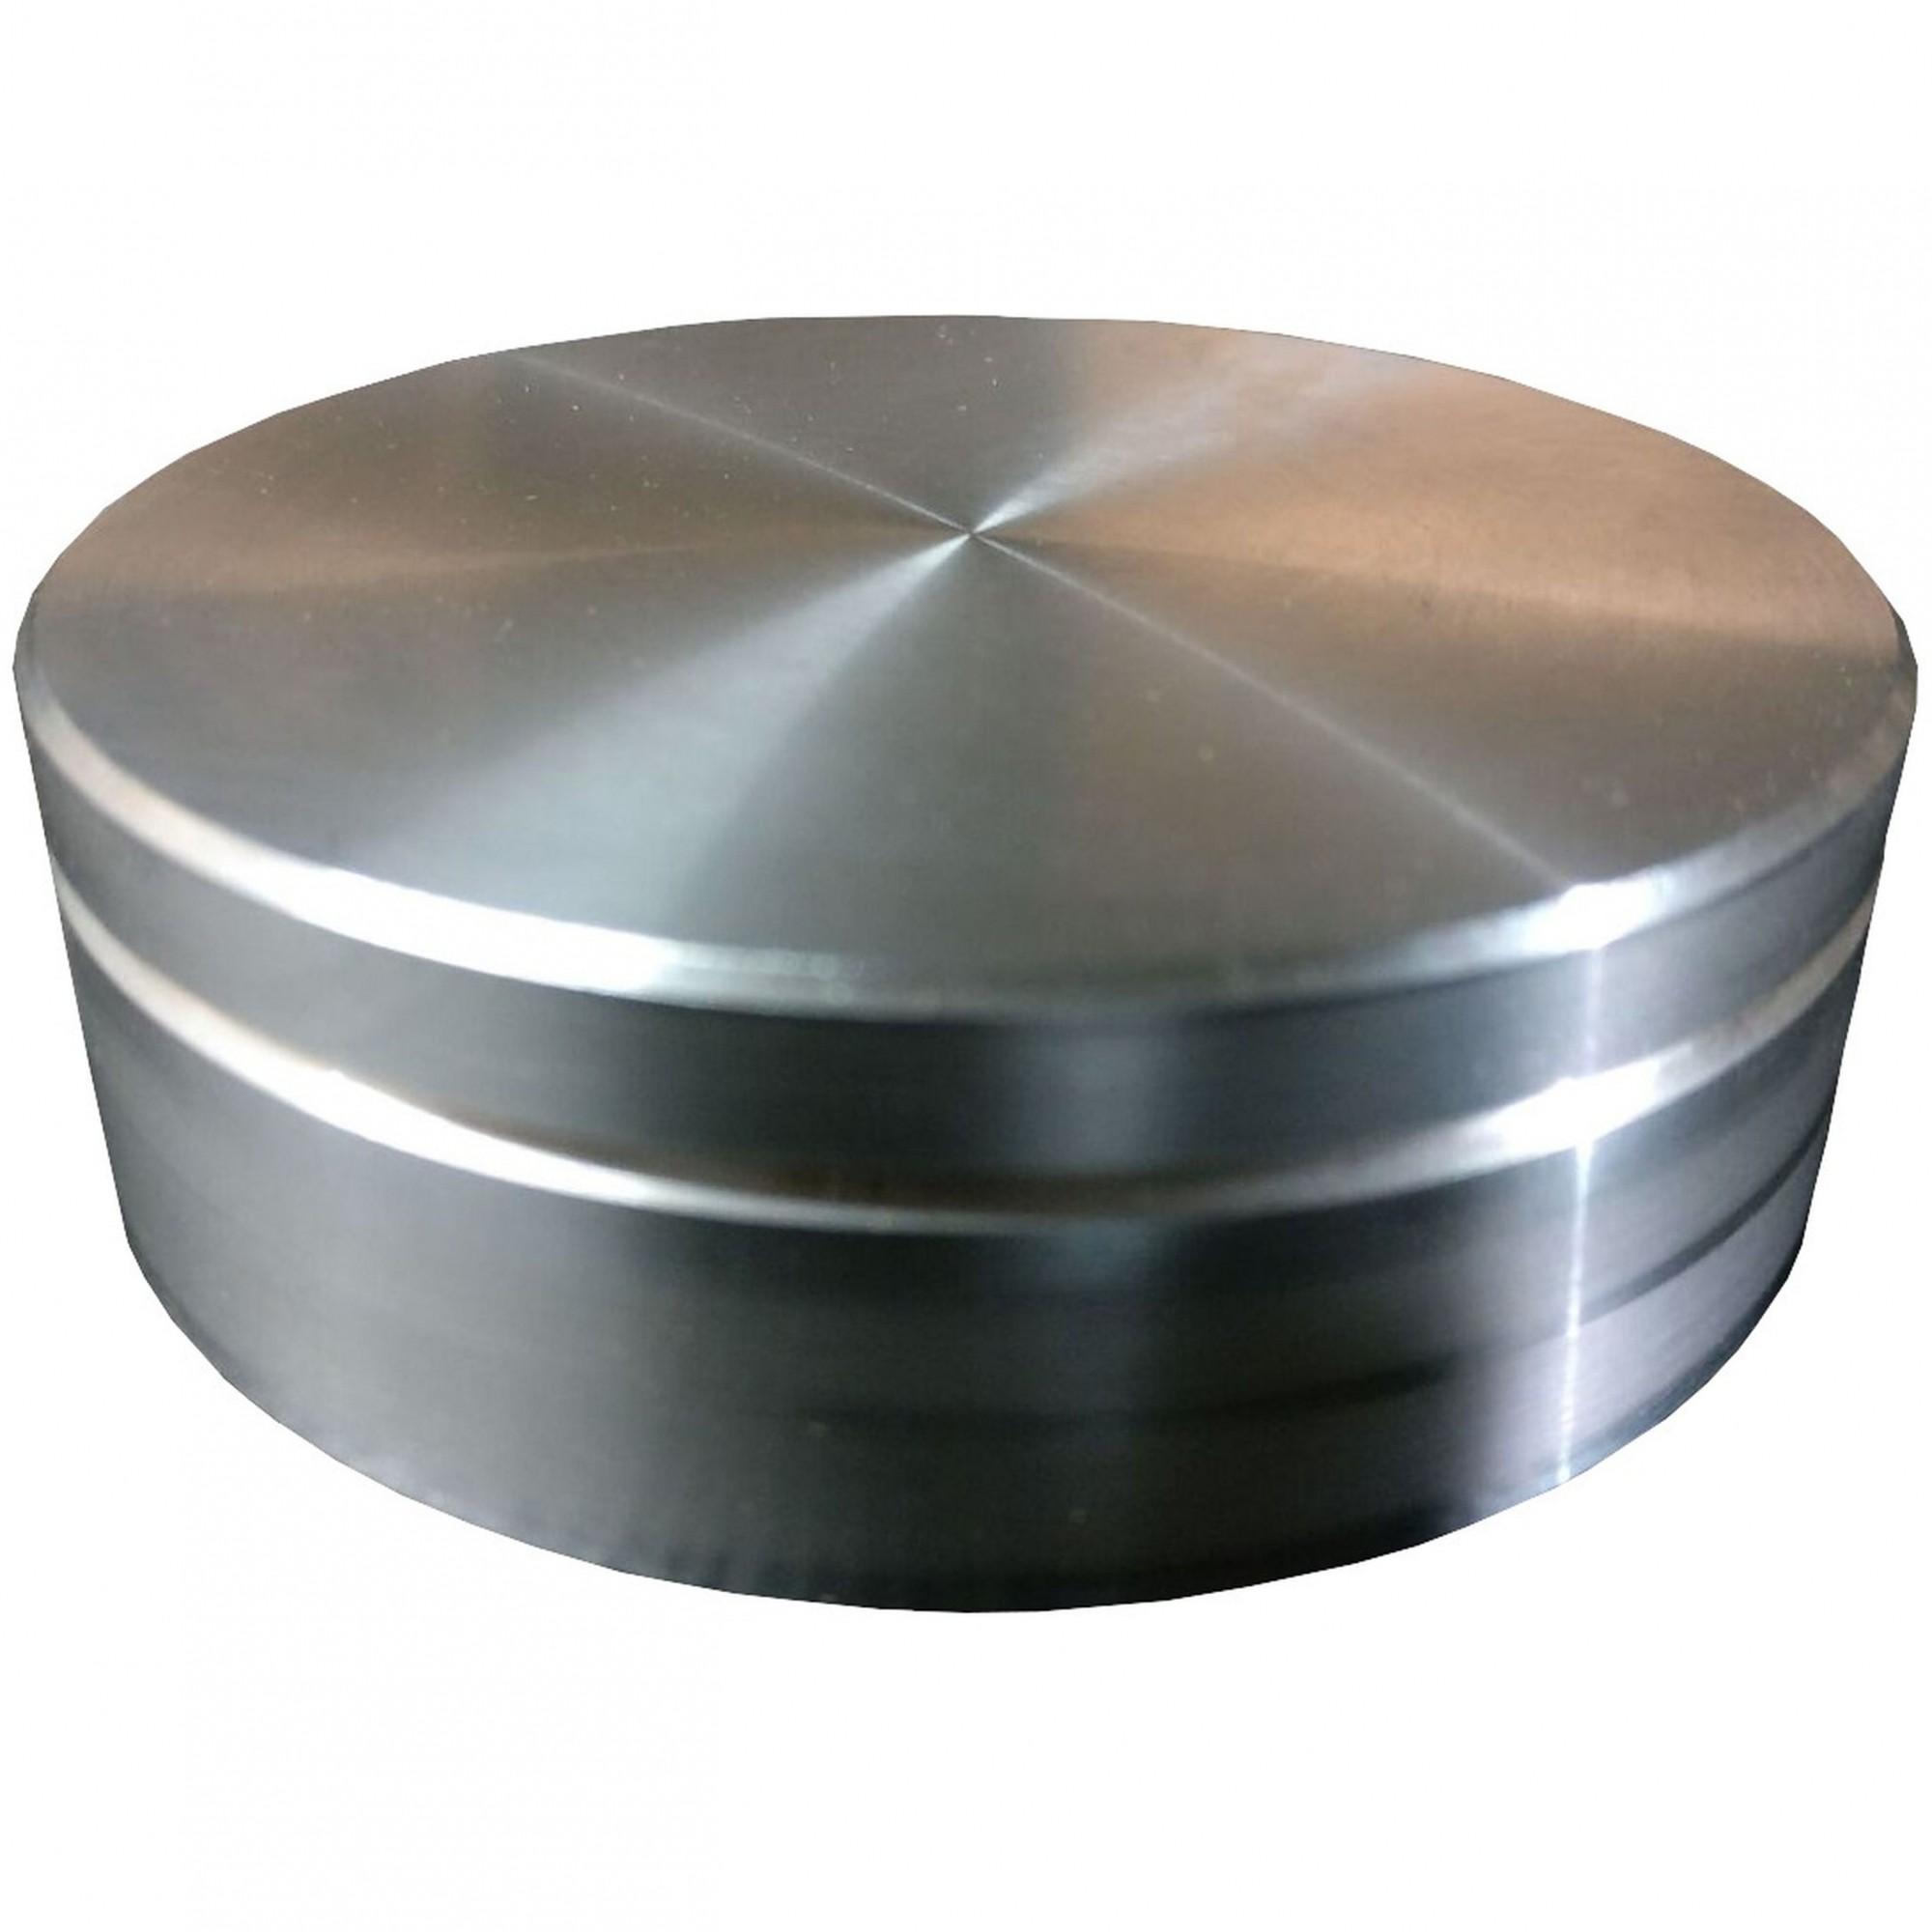 Kit 4 Peças  base prato Giratórias em Alumínio 5cm diâmetro